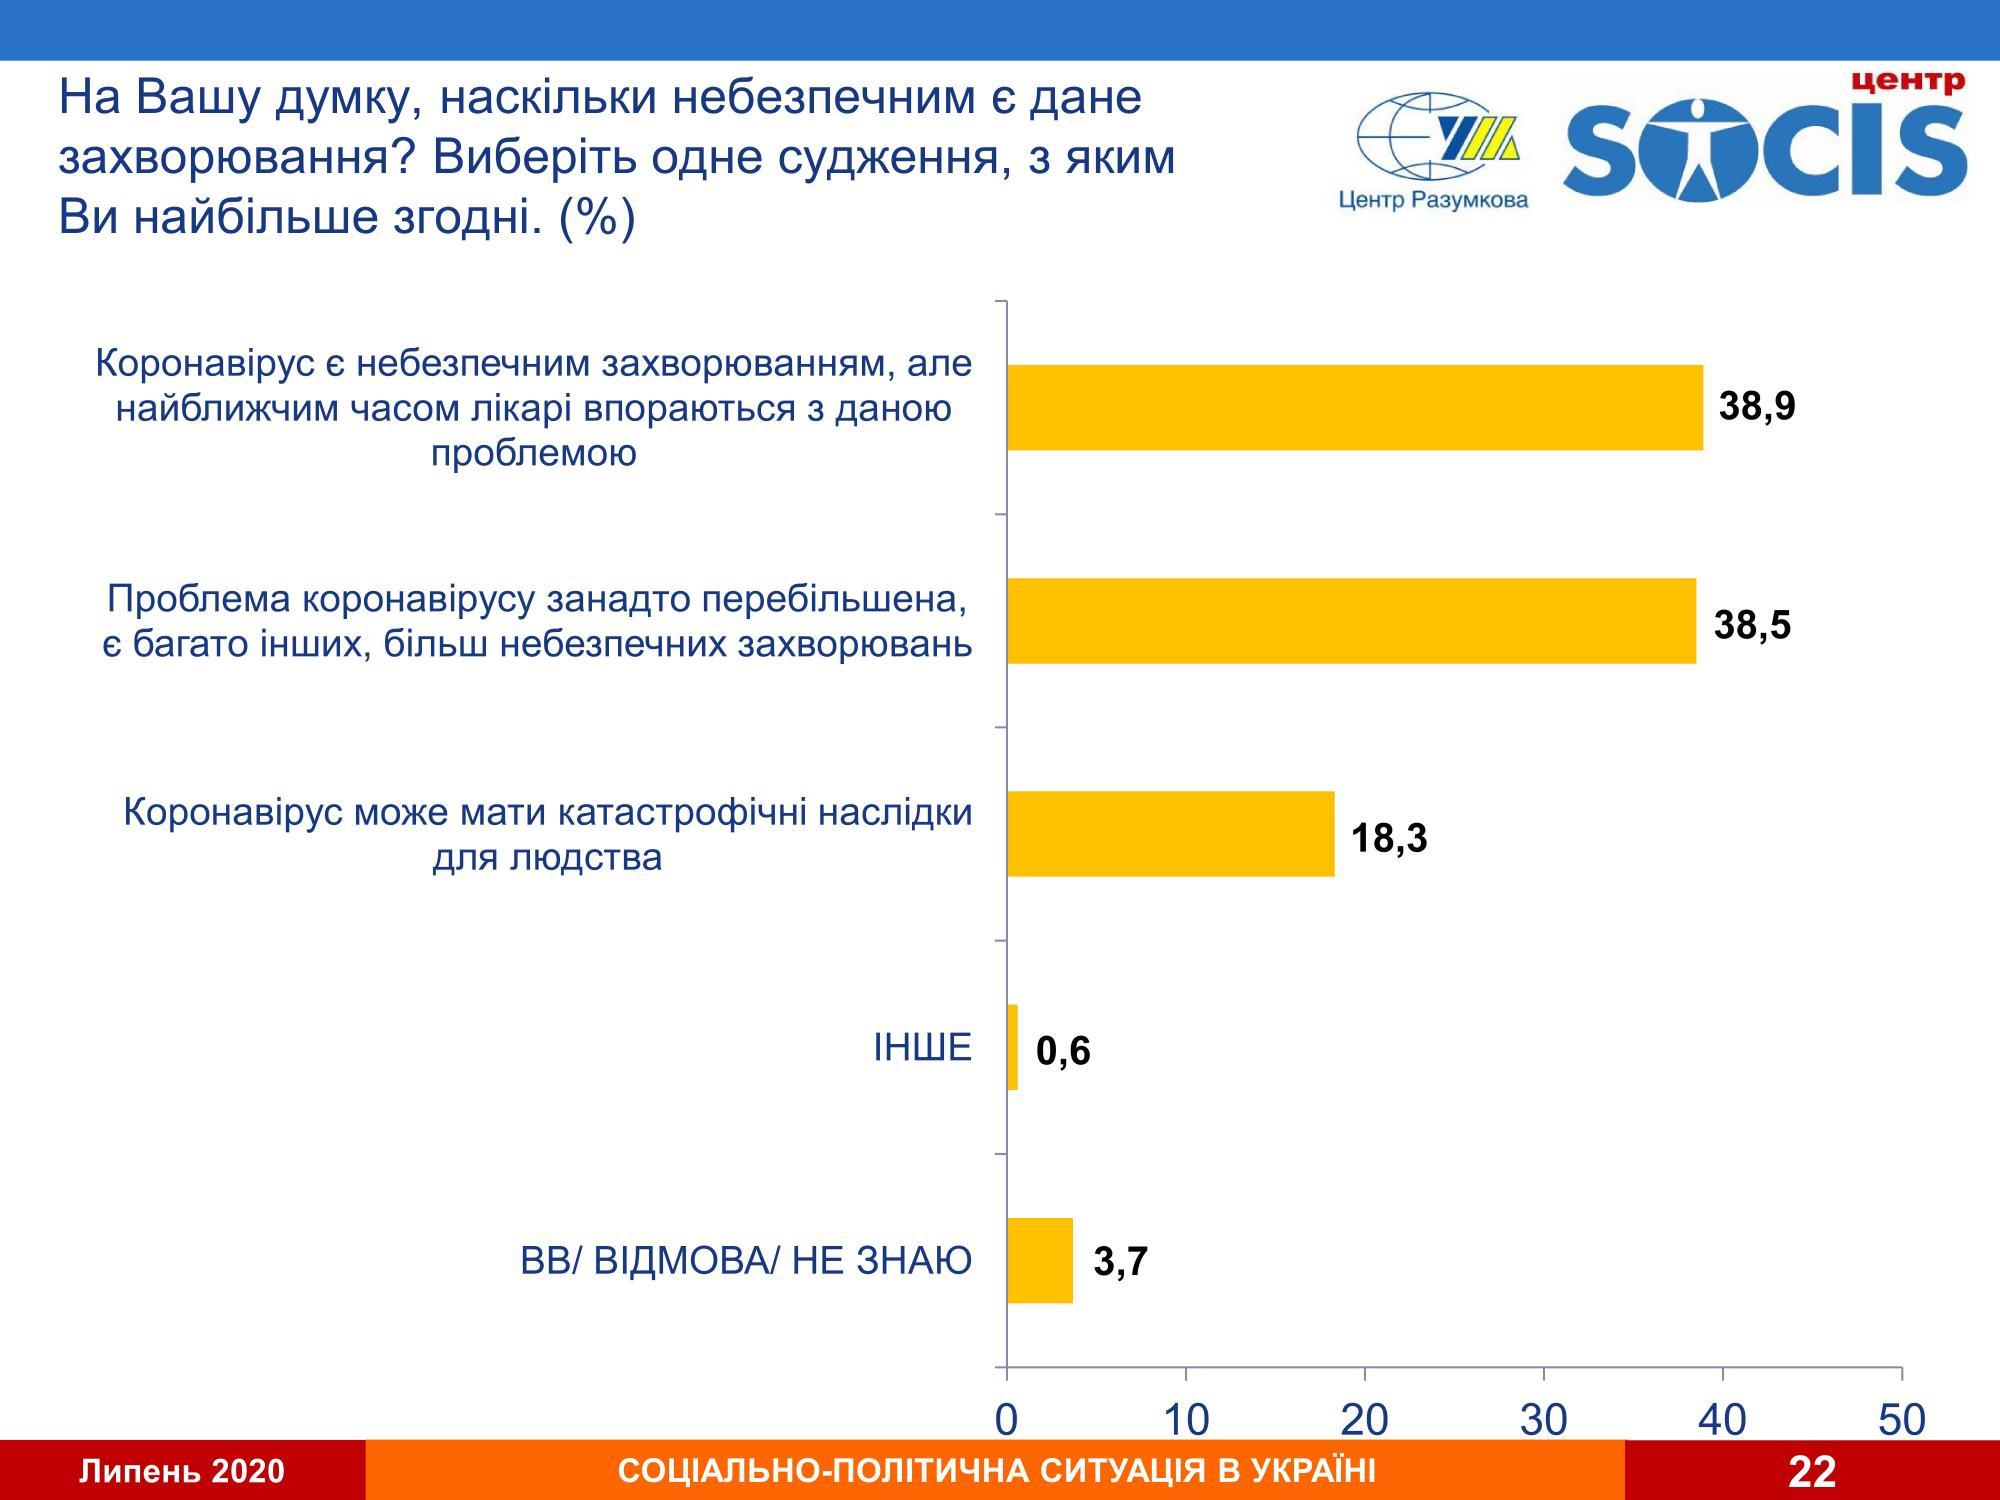 Украинцы оценили степень опасности коронавируса